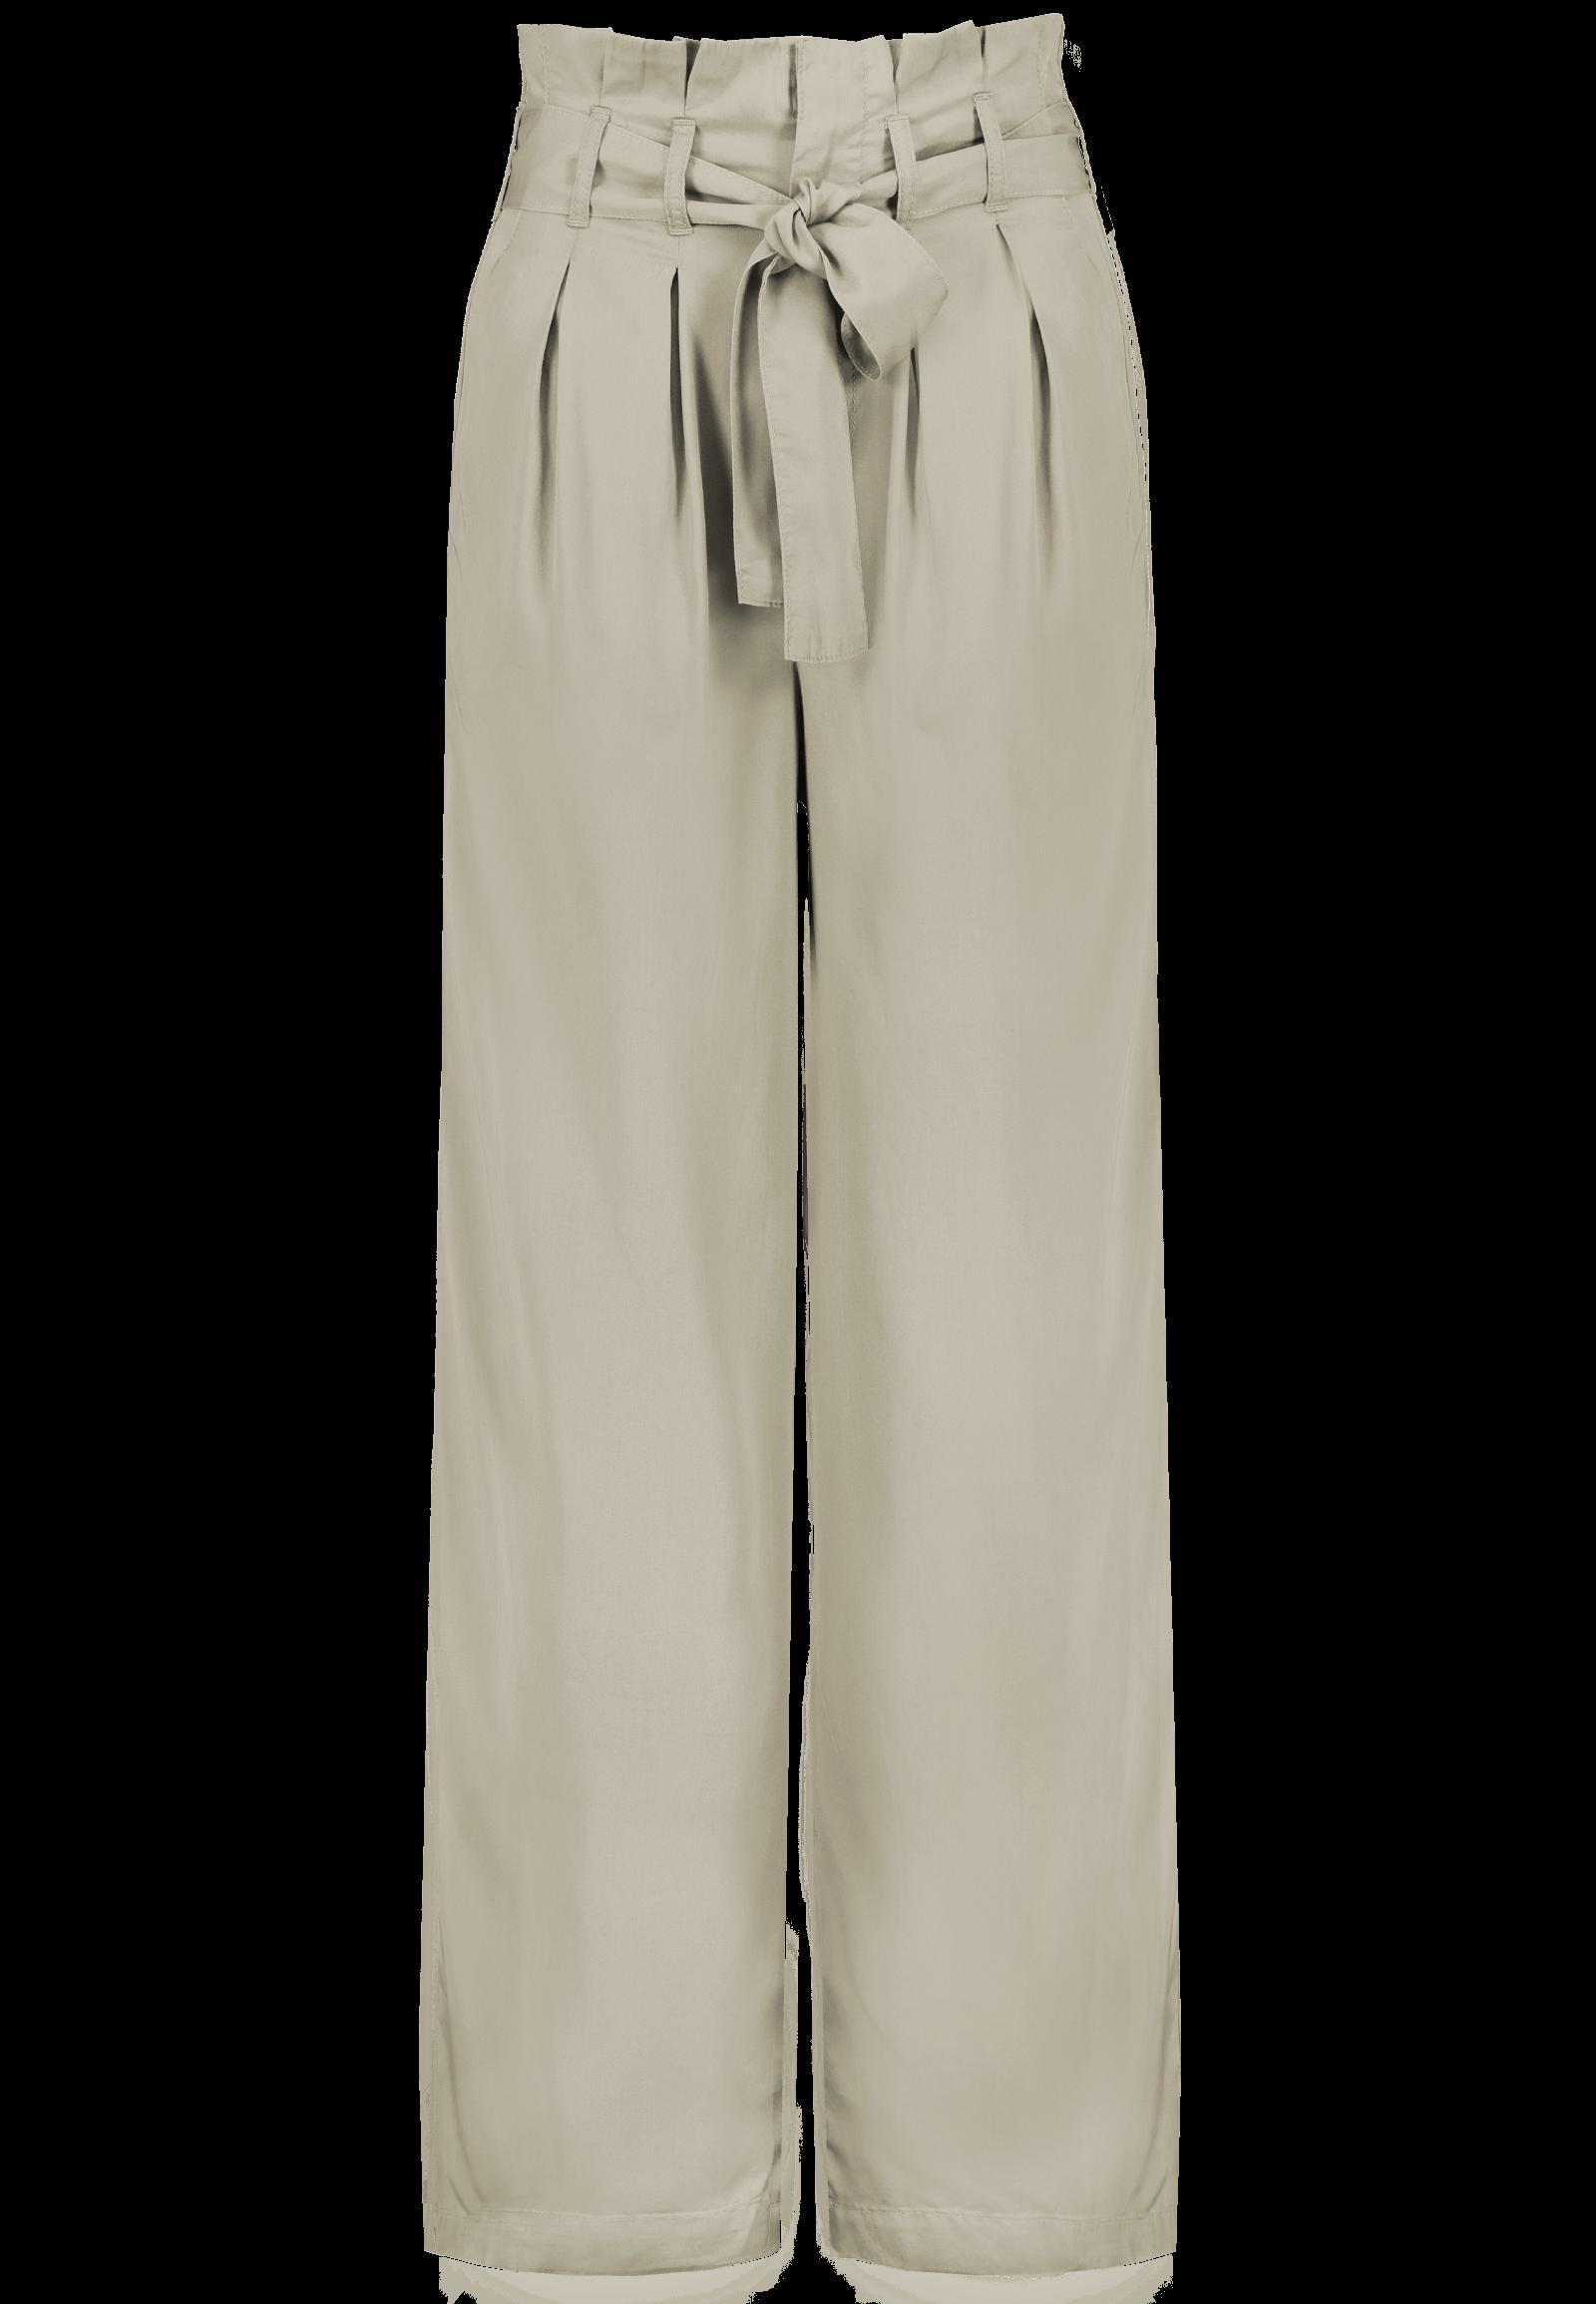 Marlenehose